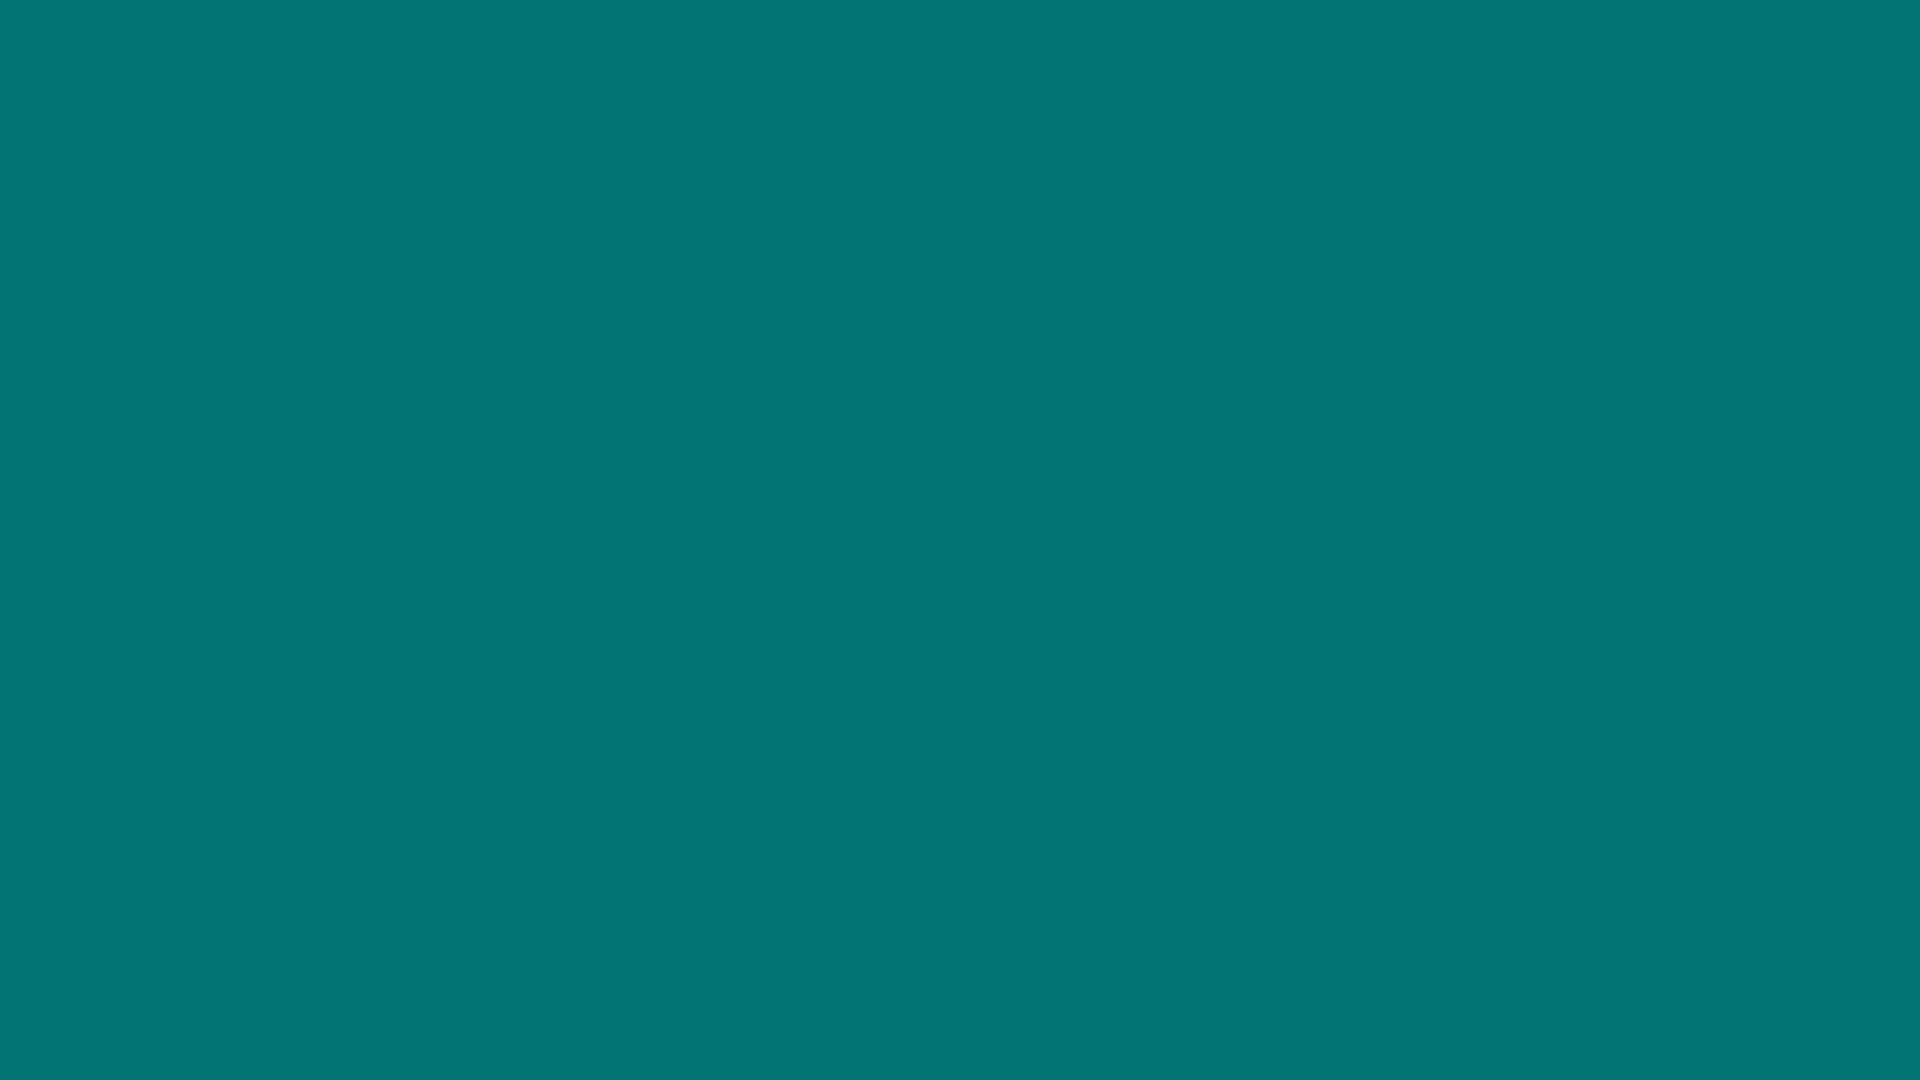 [공지] 제 6 회 아시아연구소 브라운 백 세미나